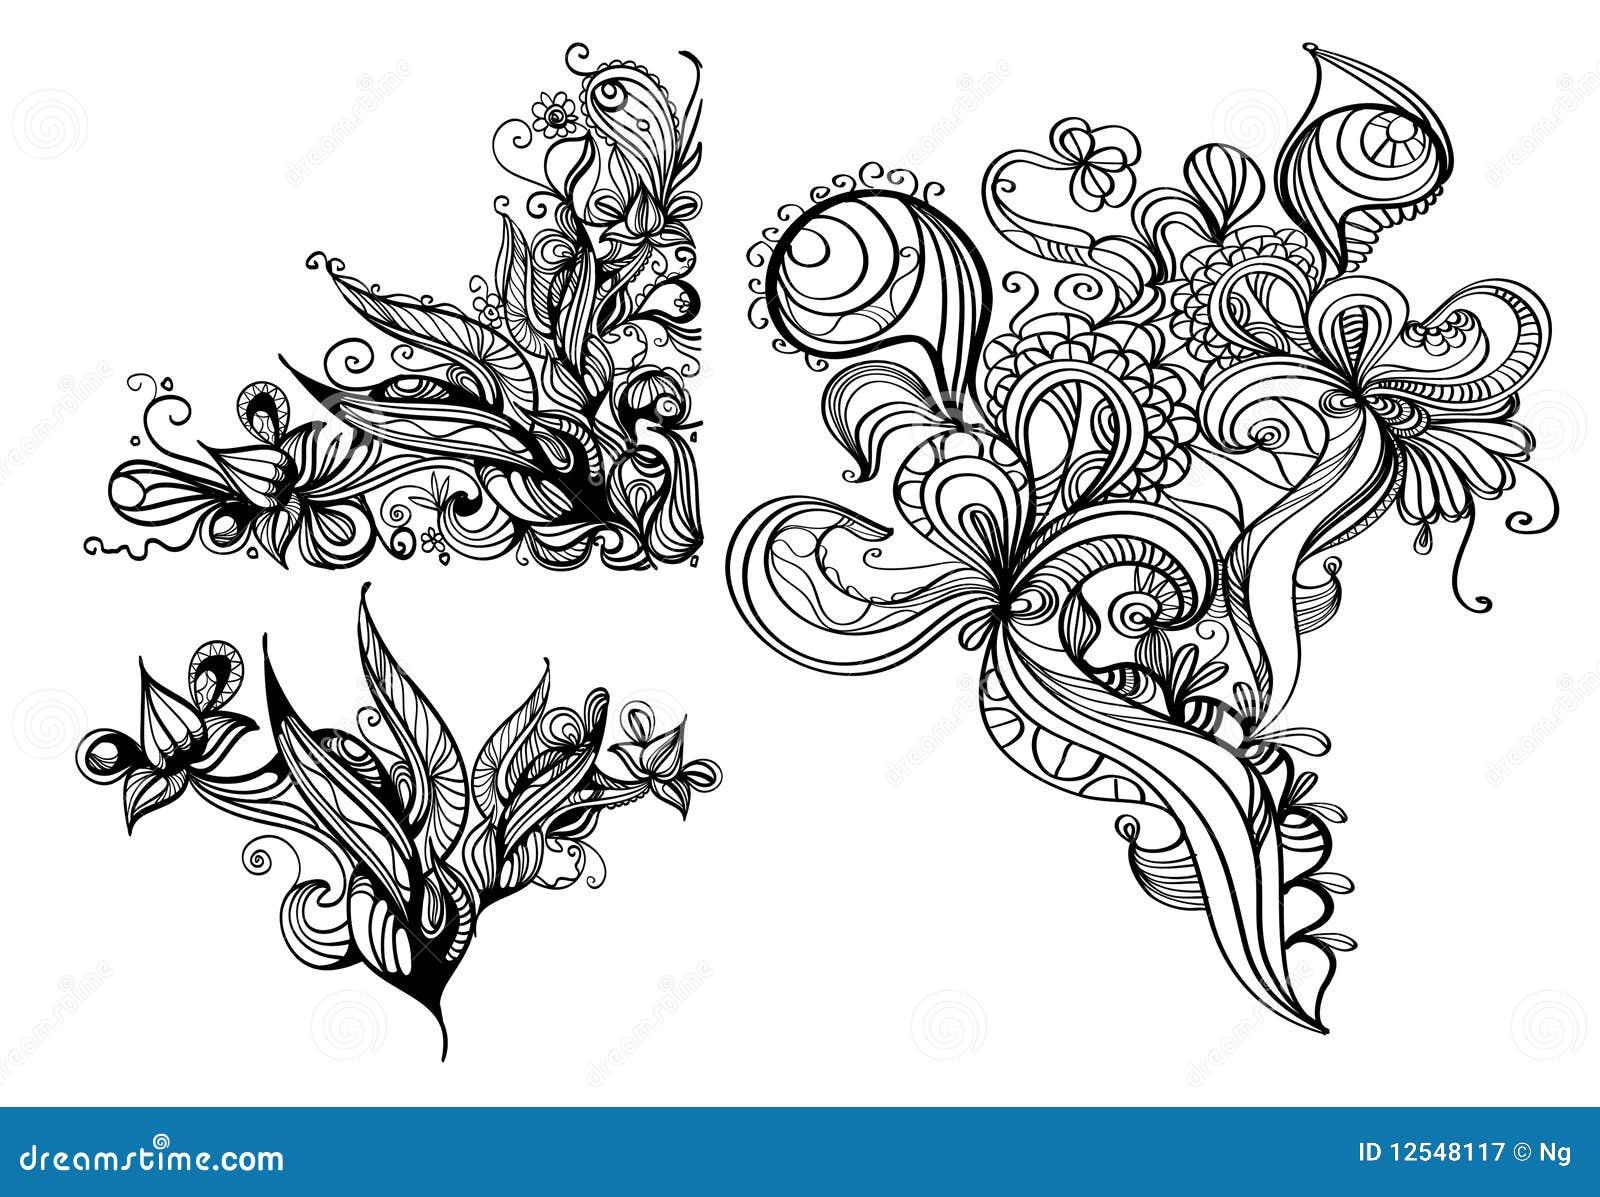 Hand-drawn ink design elements